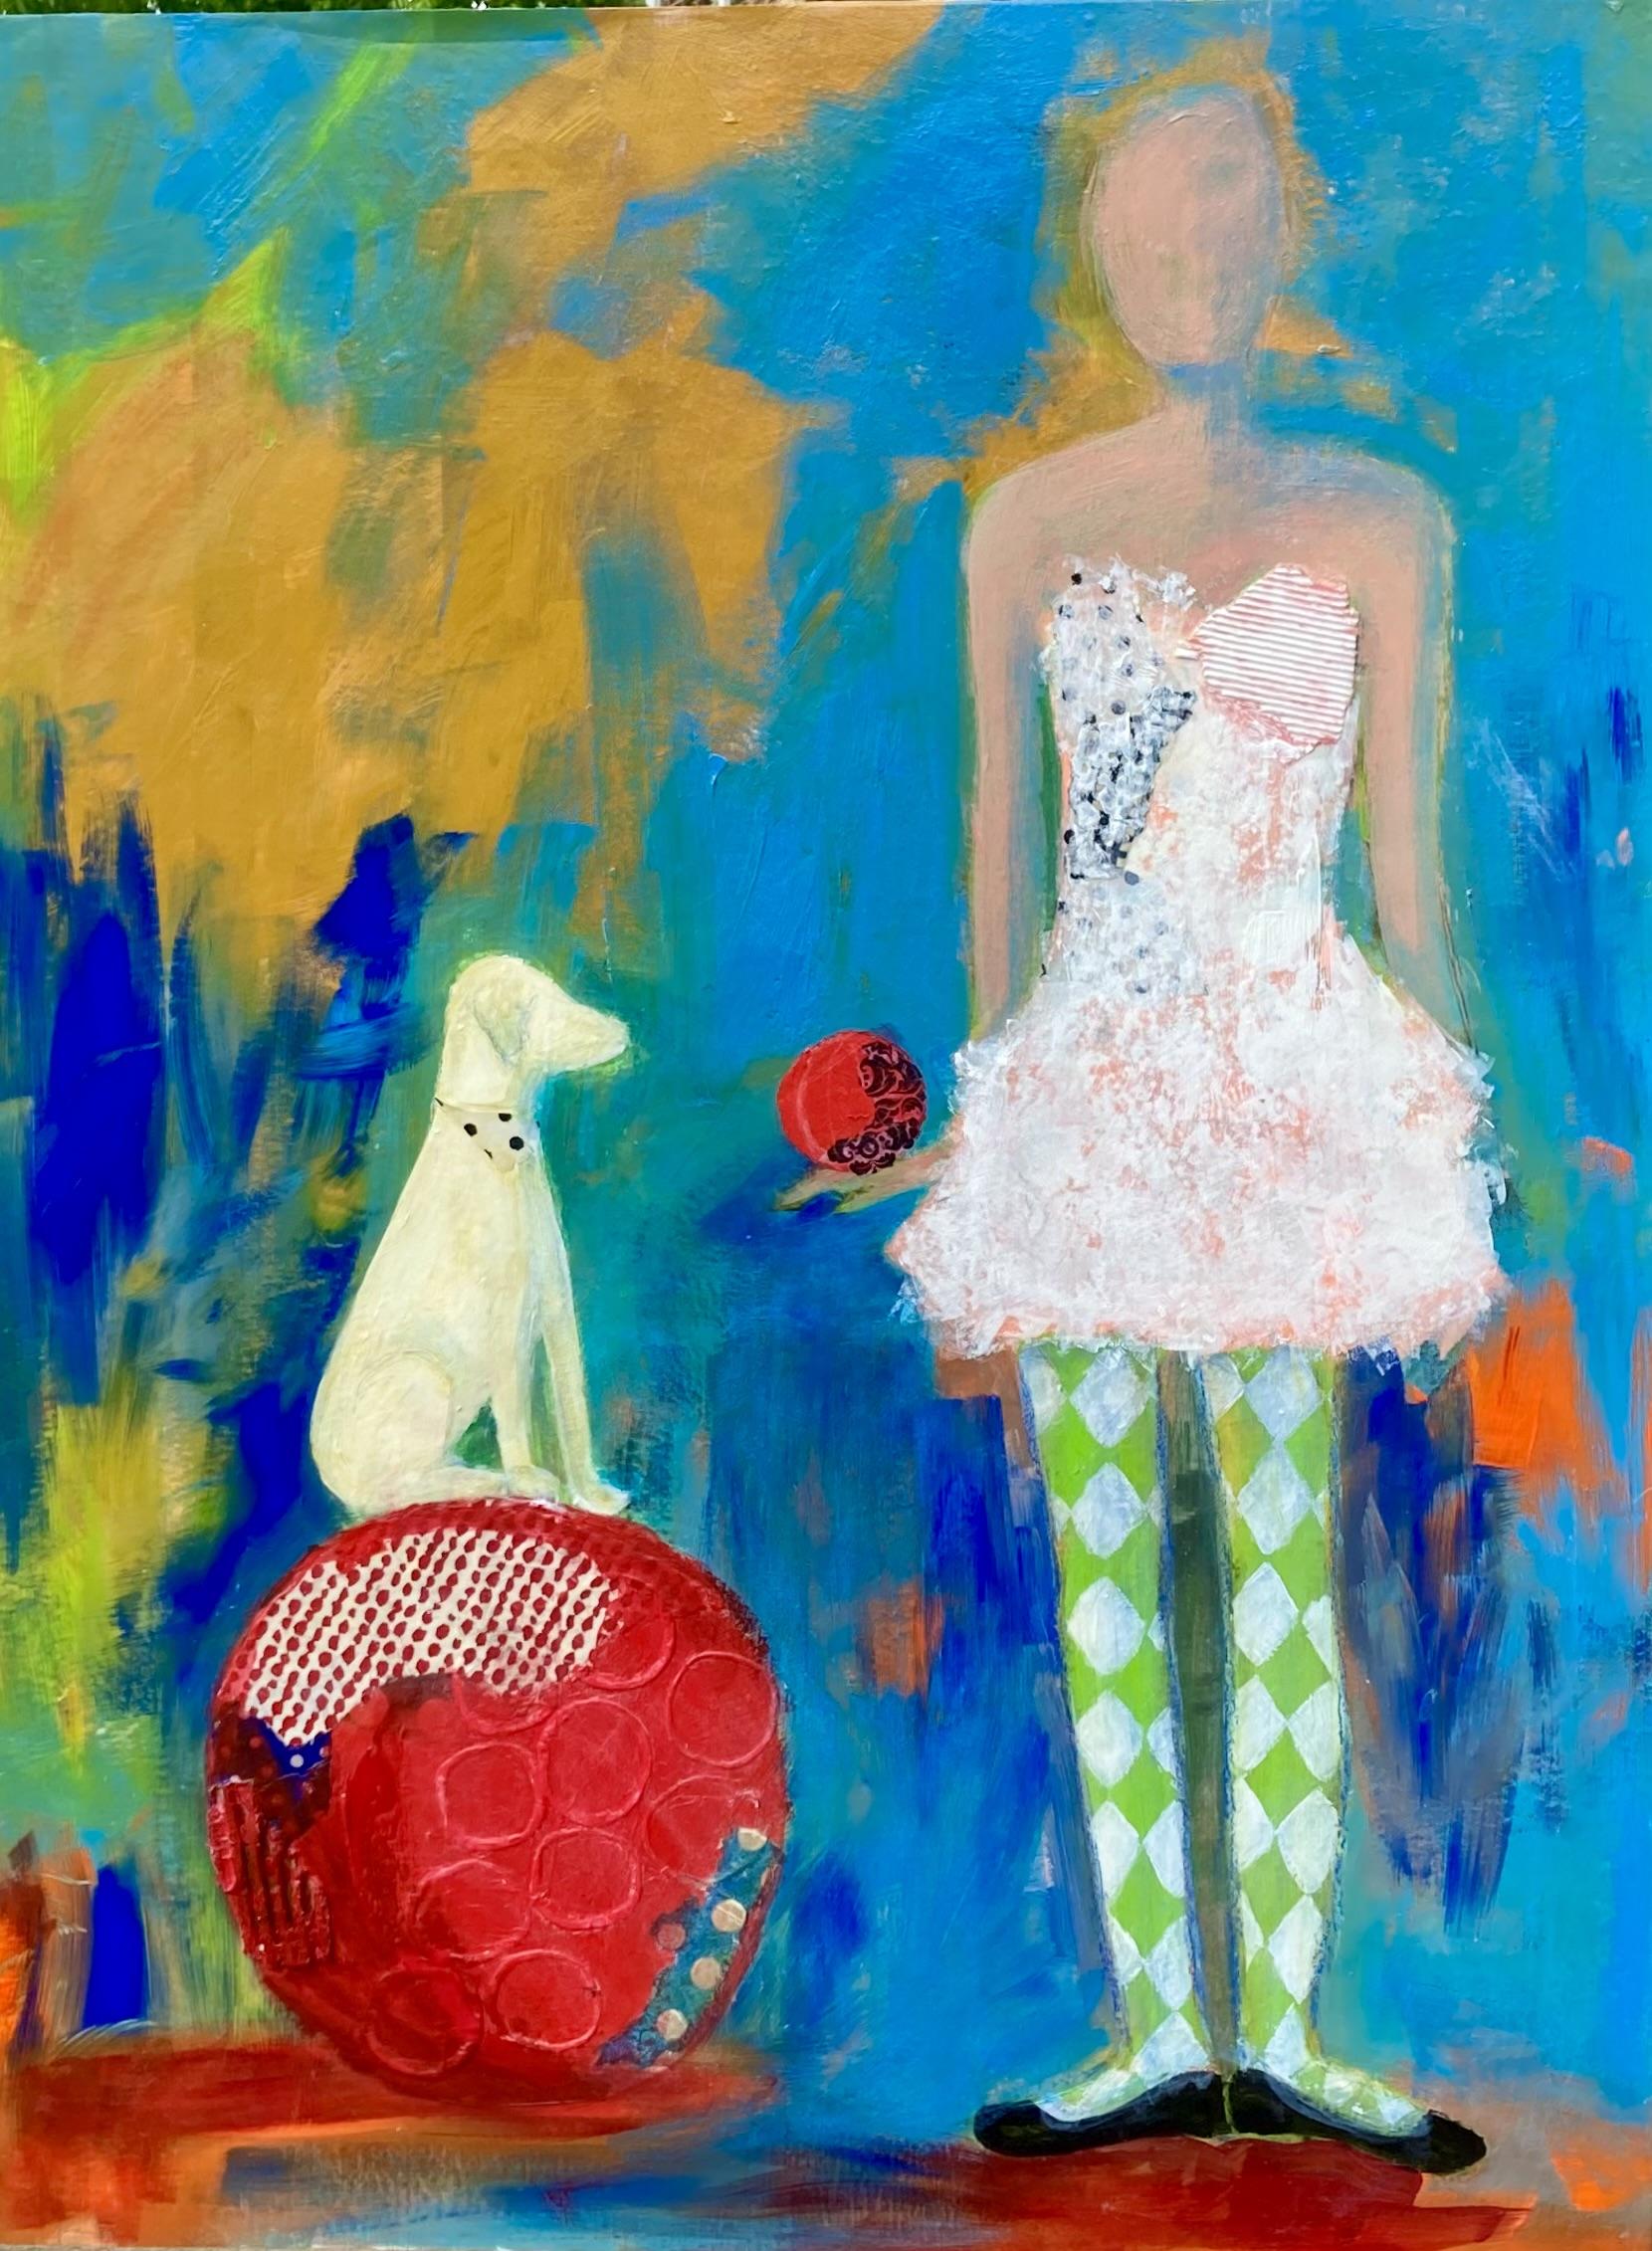 charlene nield